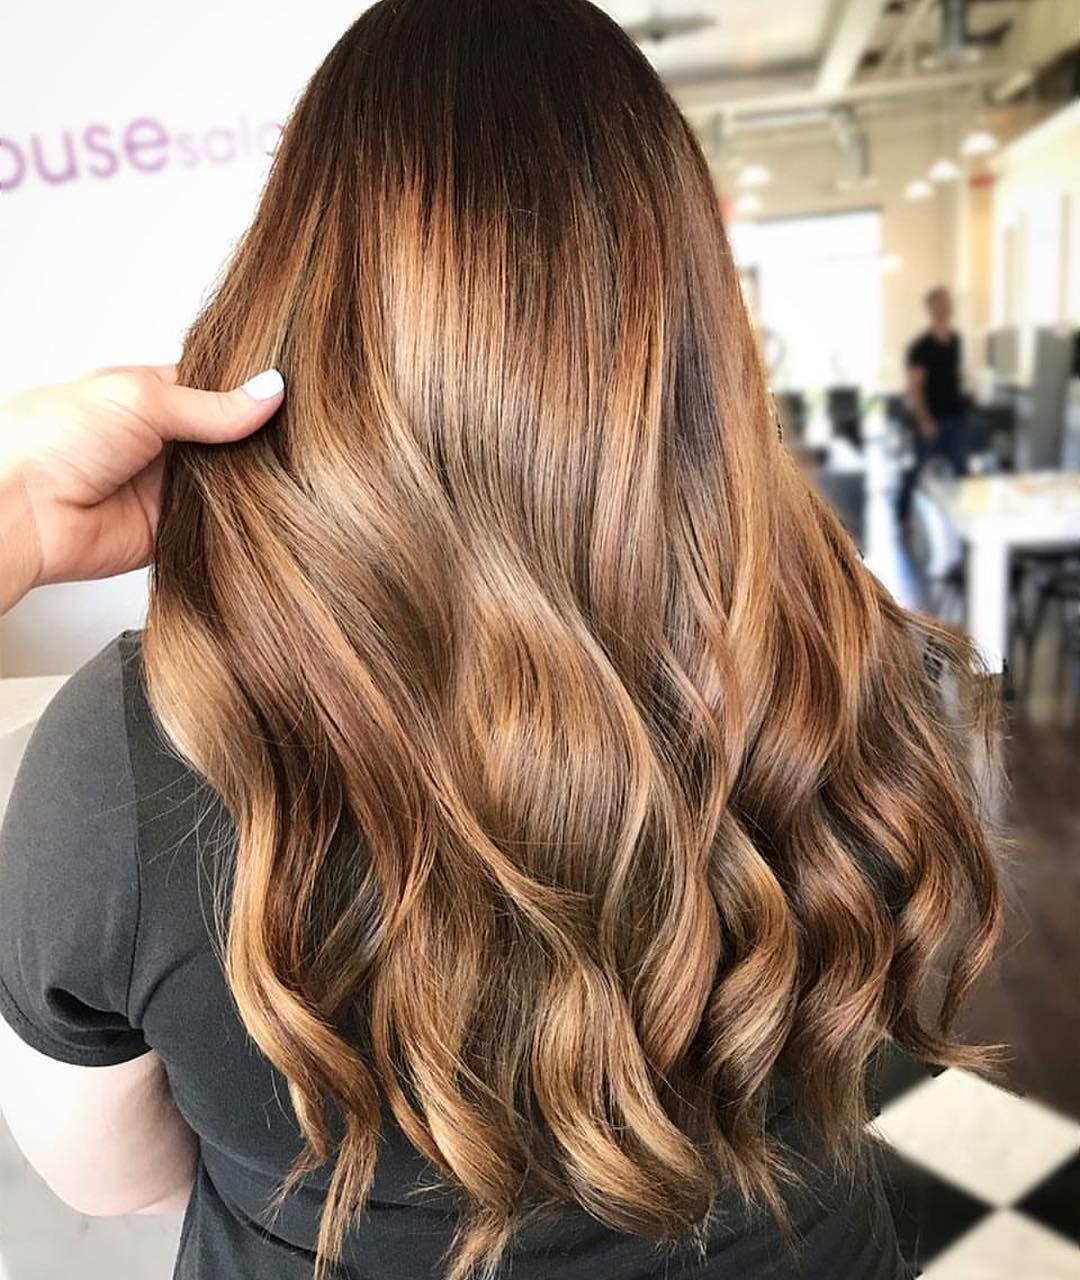 Hair color inspiration ,Cinnamon Spice balayage hair color ,ombre hair color ideas ,chocolate brown hair ,blonde hair color  #haircolor #brownhair